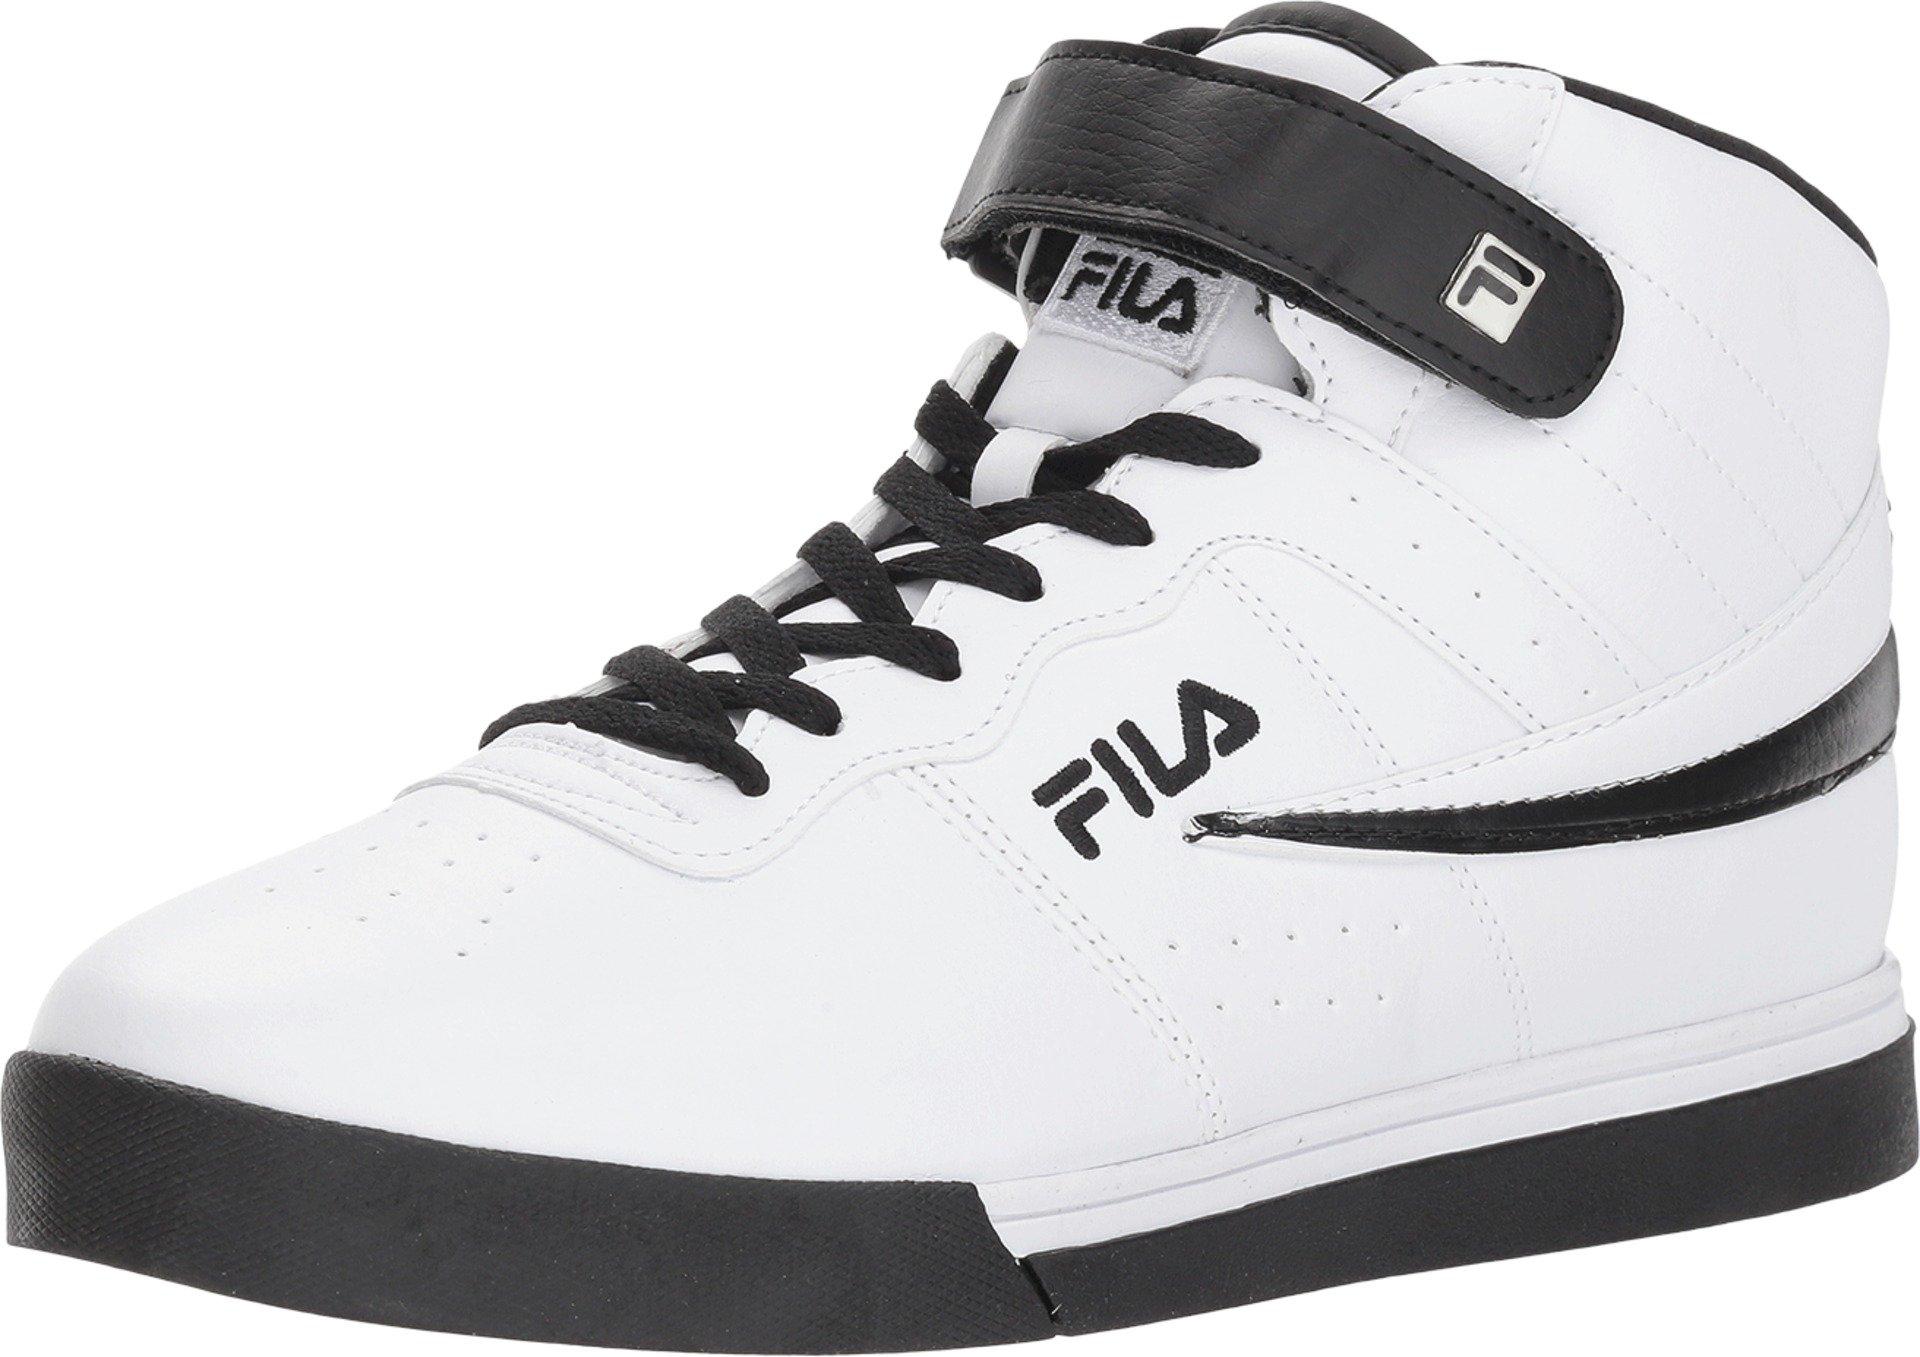 Fila Vulc 13 Mid Plus Mens High Top Athletic Fashion Sneaker Shoes WhiteBlack